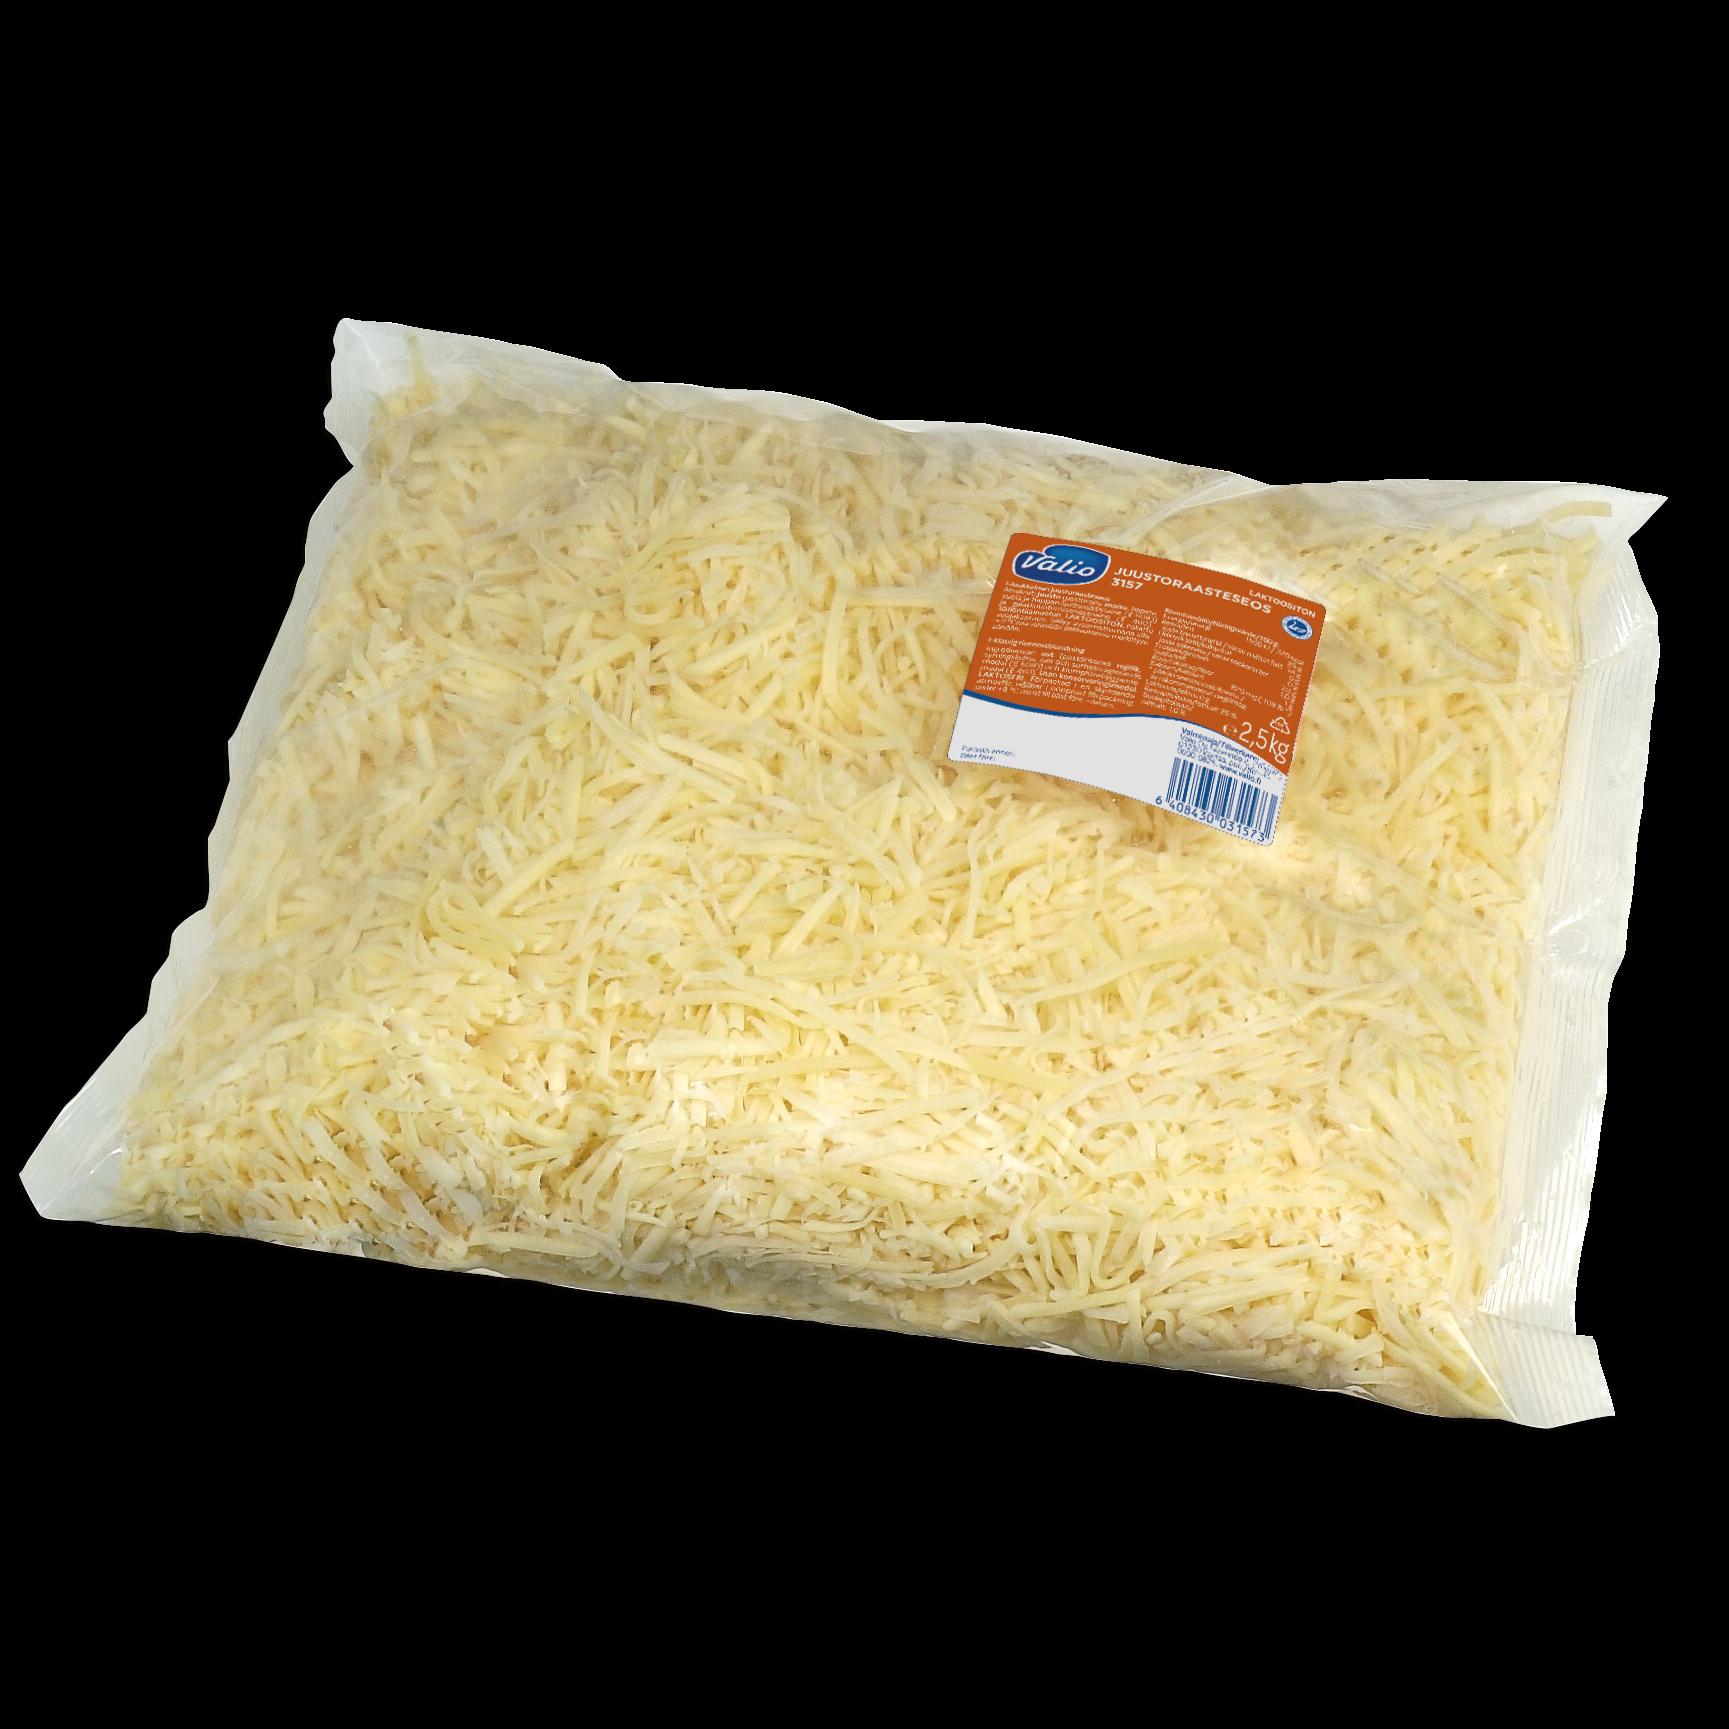 Valio juustoraasteseos